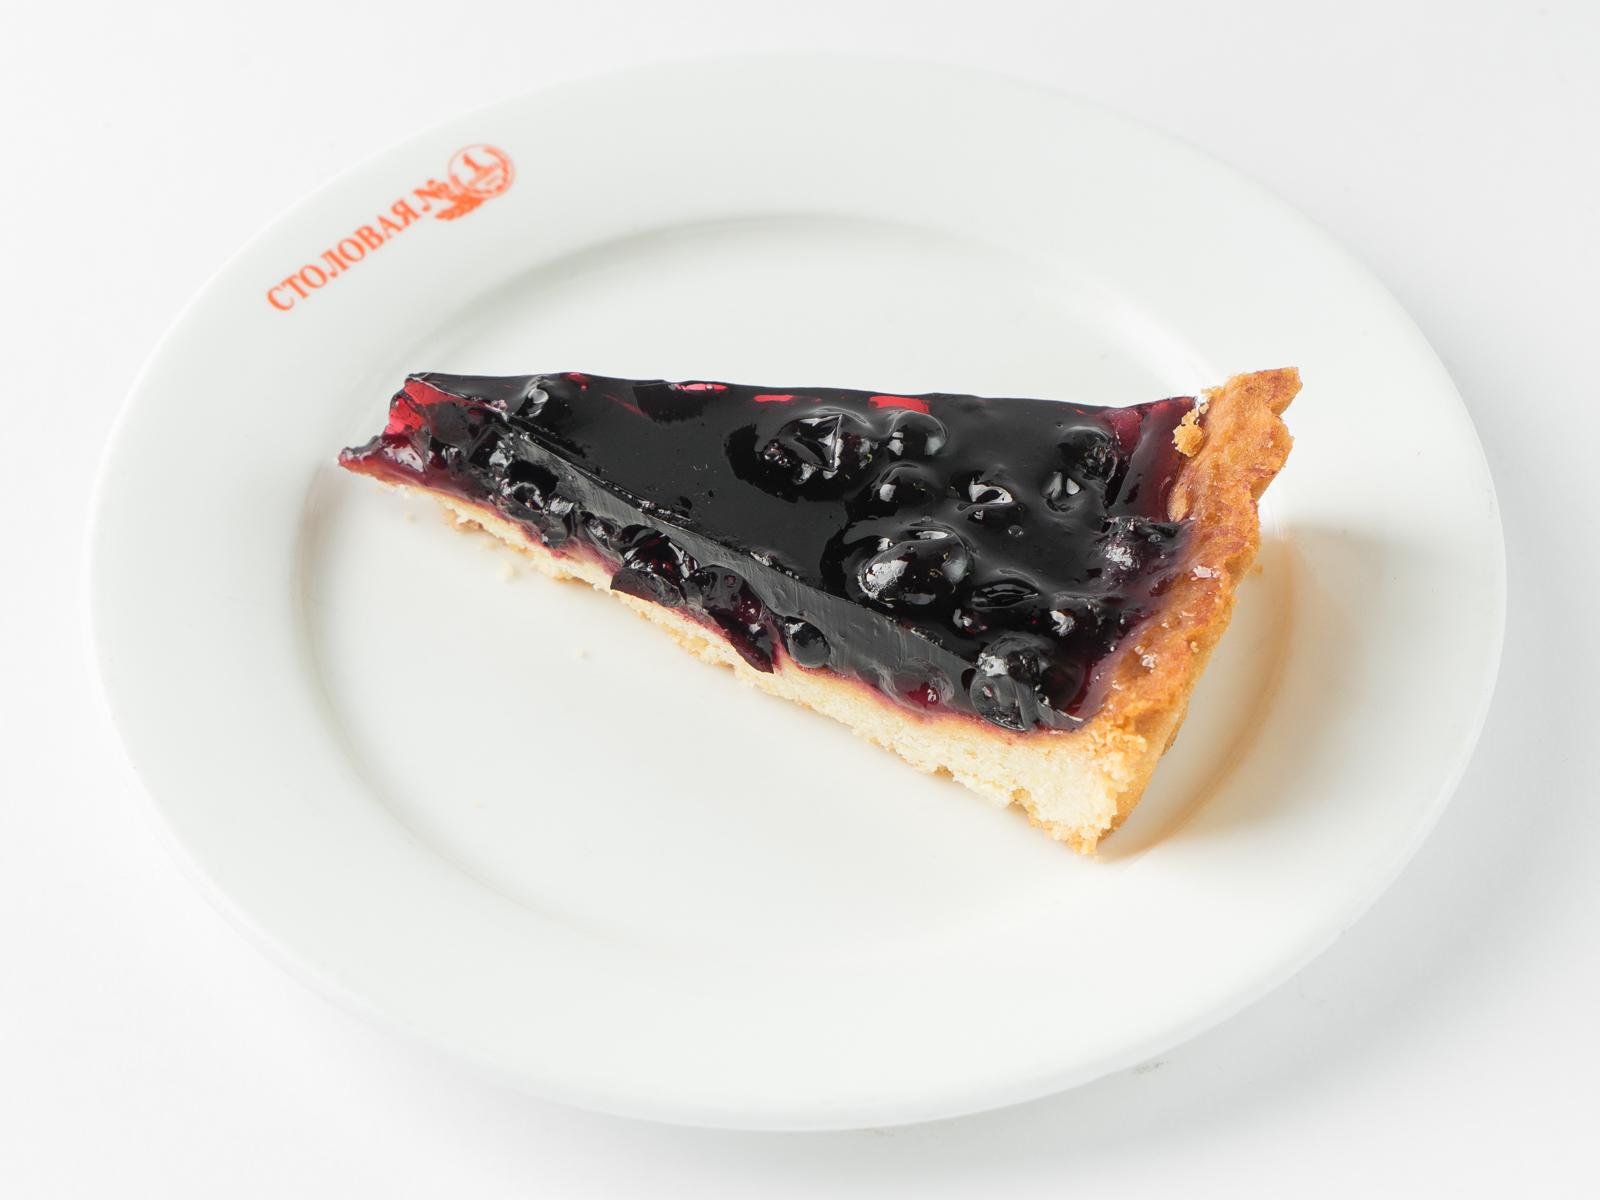 Пирог открытый с чёрной смородиной